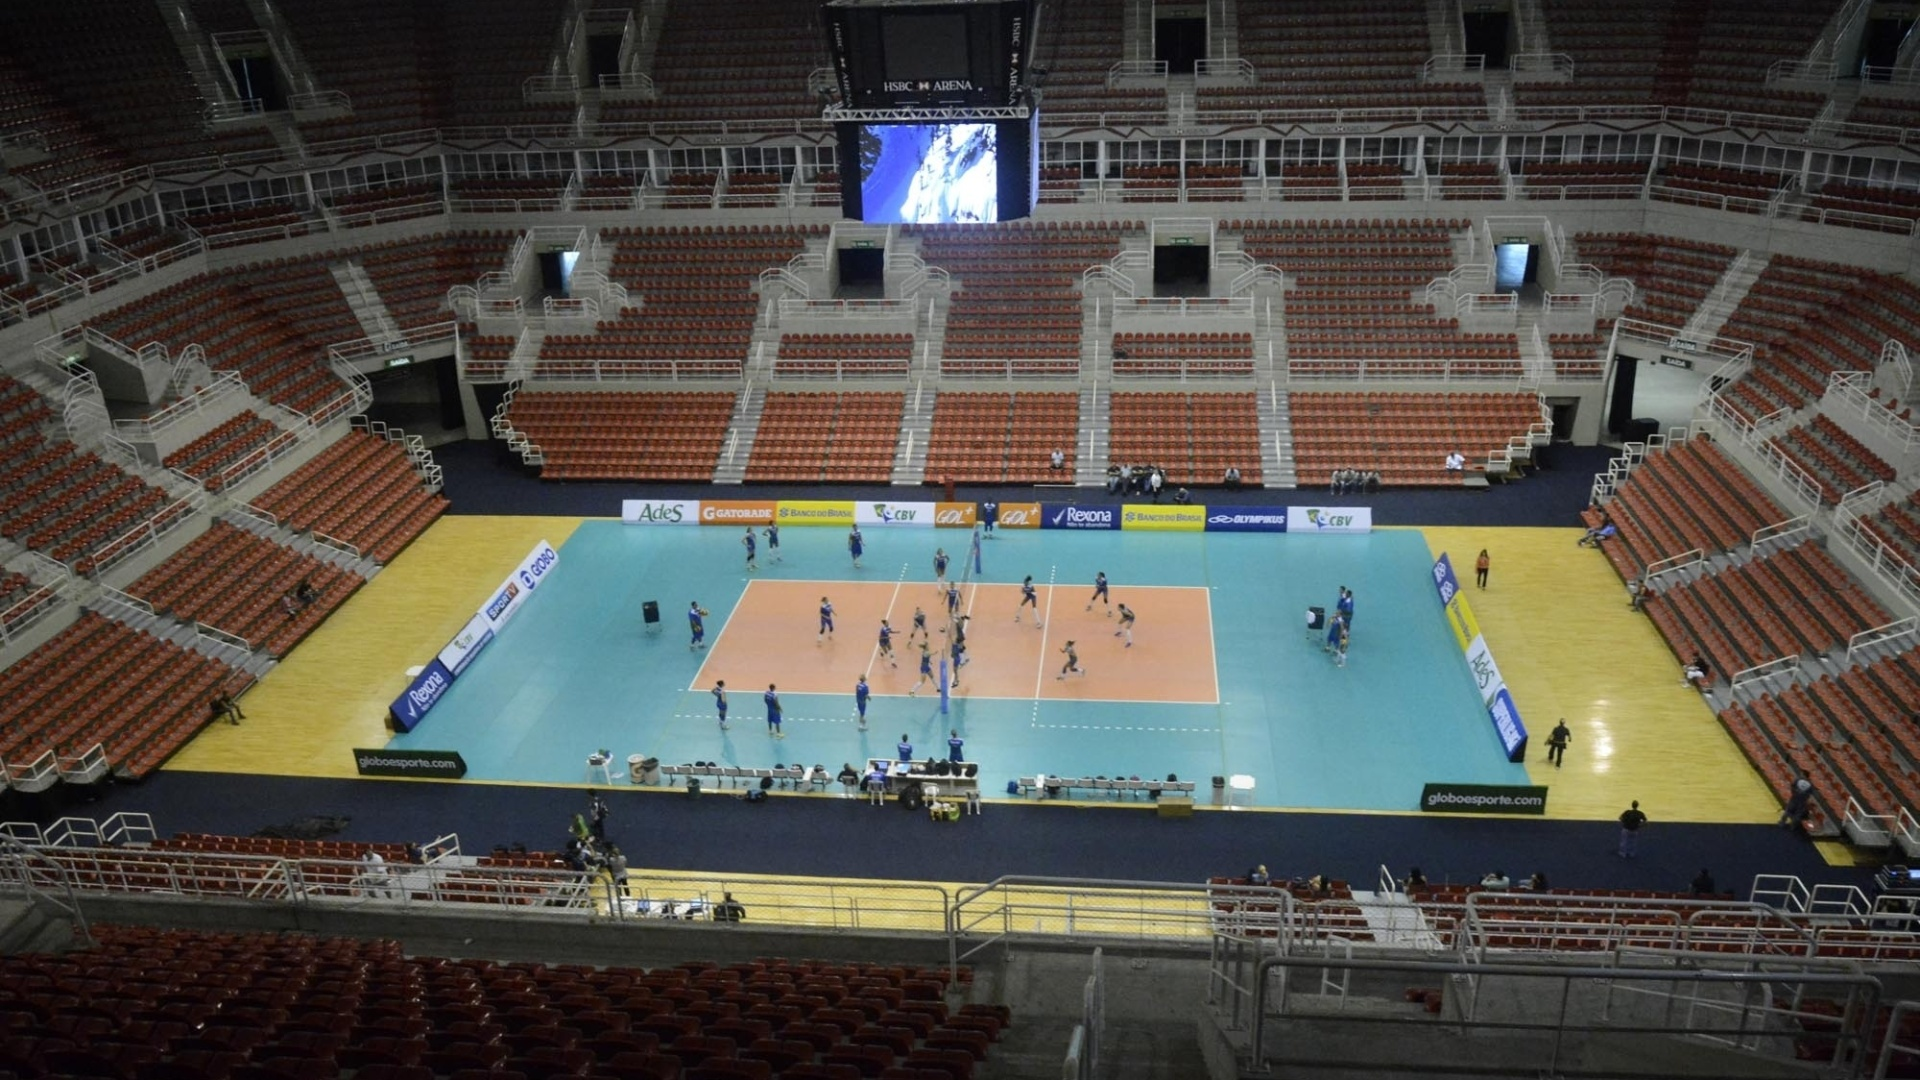 Palco tradicional do basquete no Rio de Janeiro, a HSBC Arena receberá pela primeira vez uma partida da Superliga. Um novo palco para a decisão após dez anos